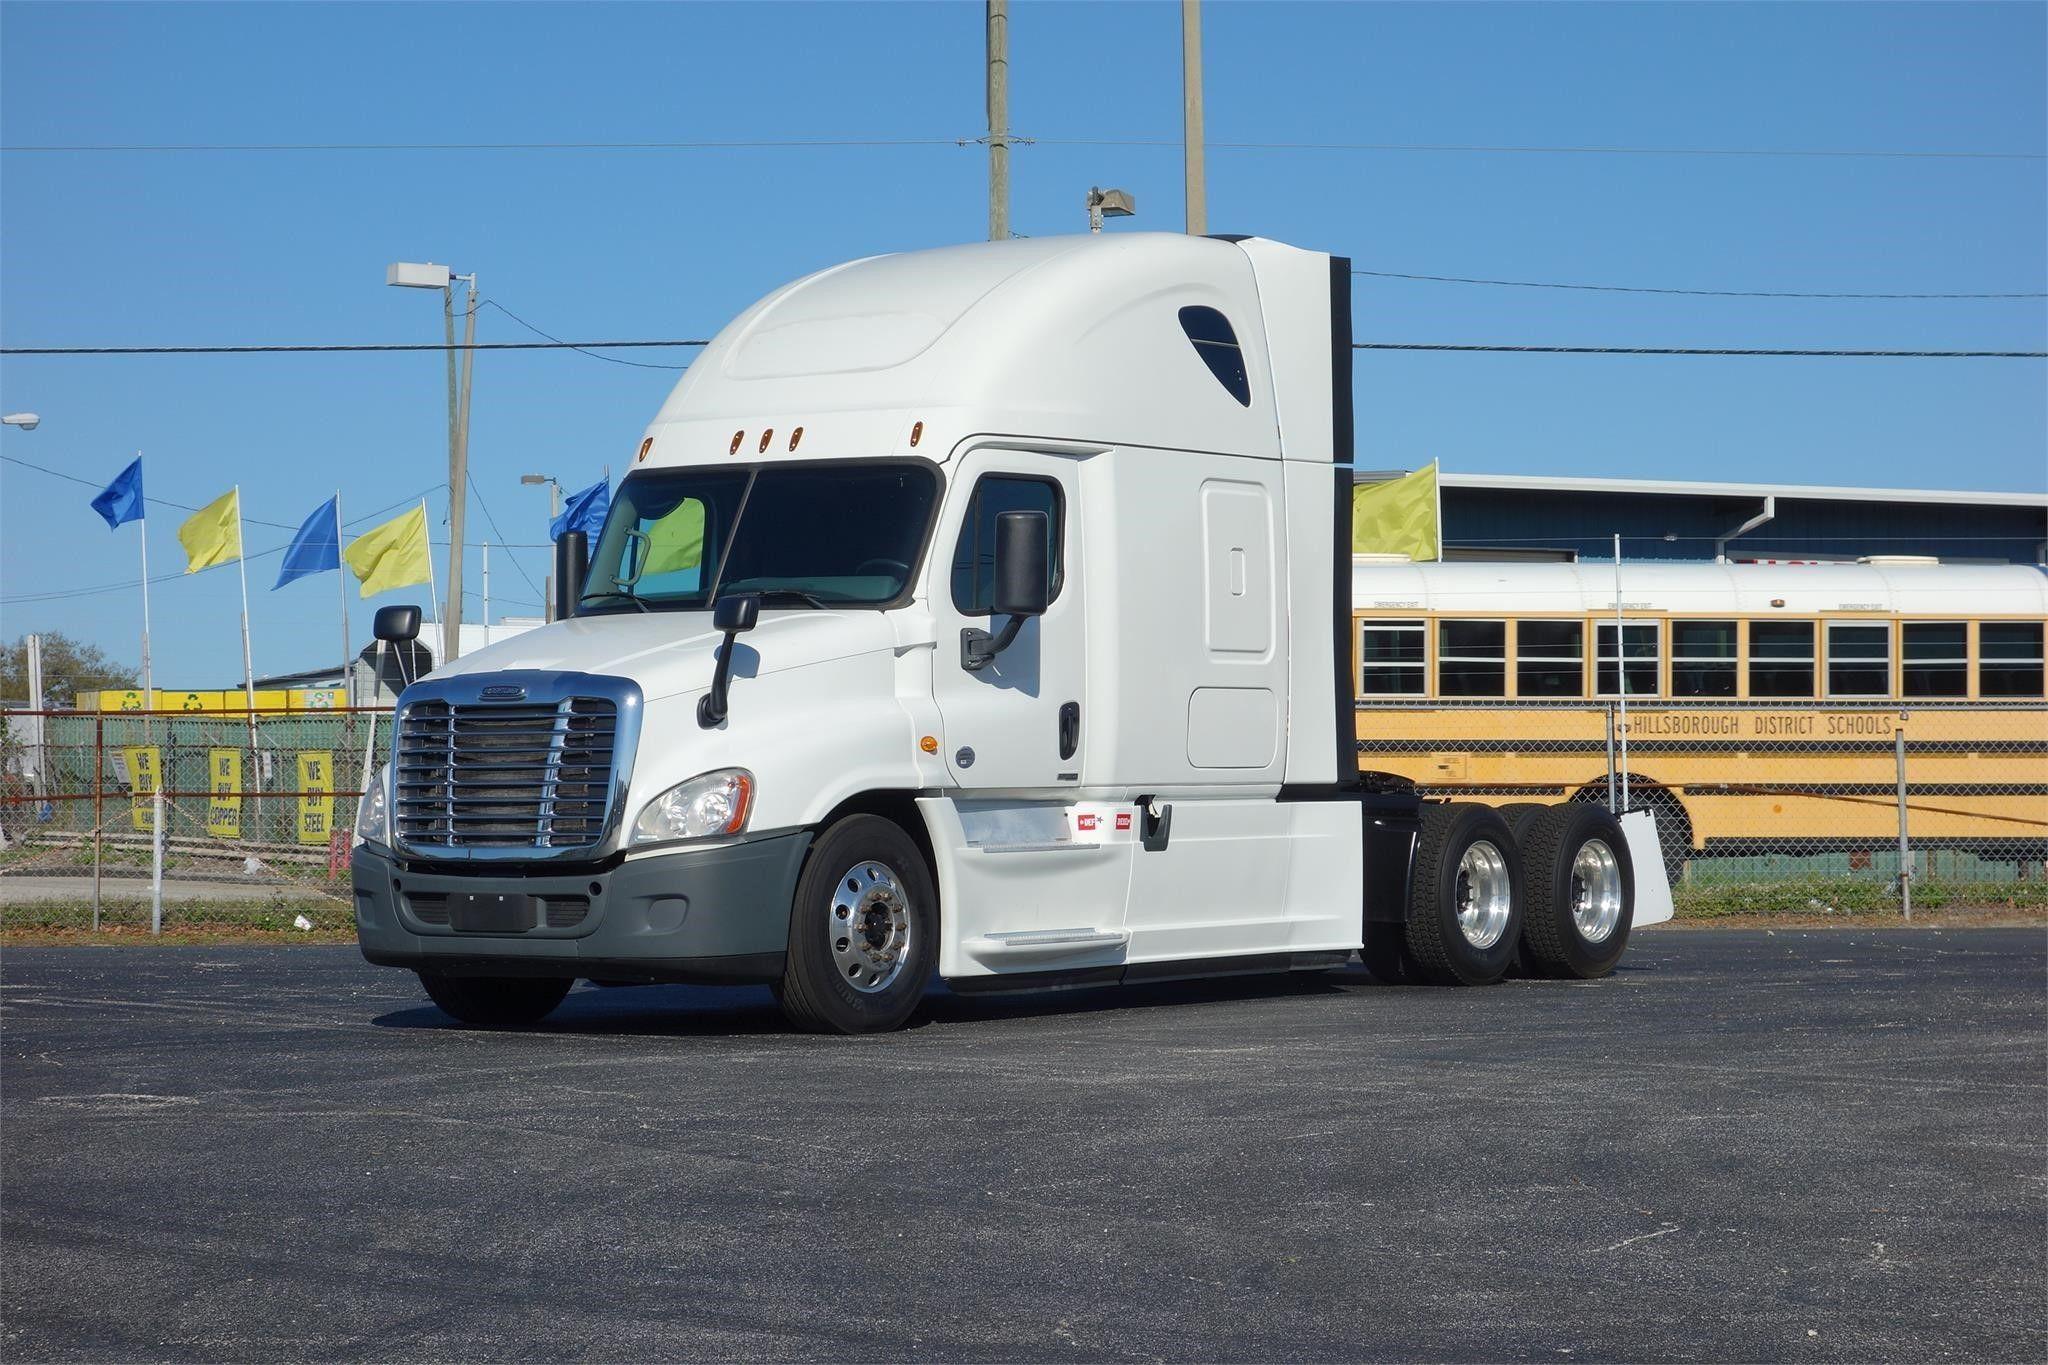 2016 Freightliner Cascadia Evolution Sleeper Trucks For Sale Auction Or Lease 8313809 Freightliner Cascadia Freightliner Trucks For Sale